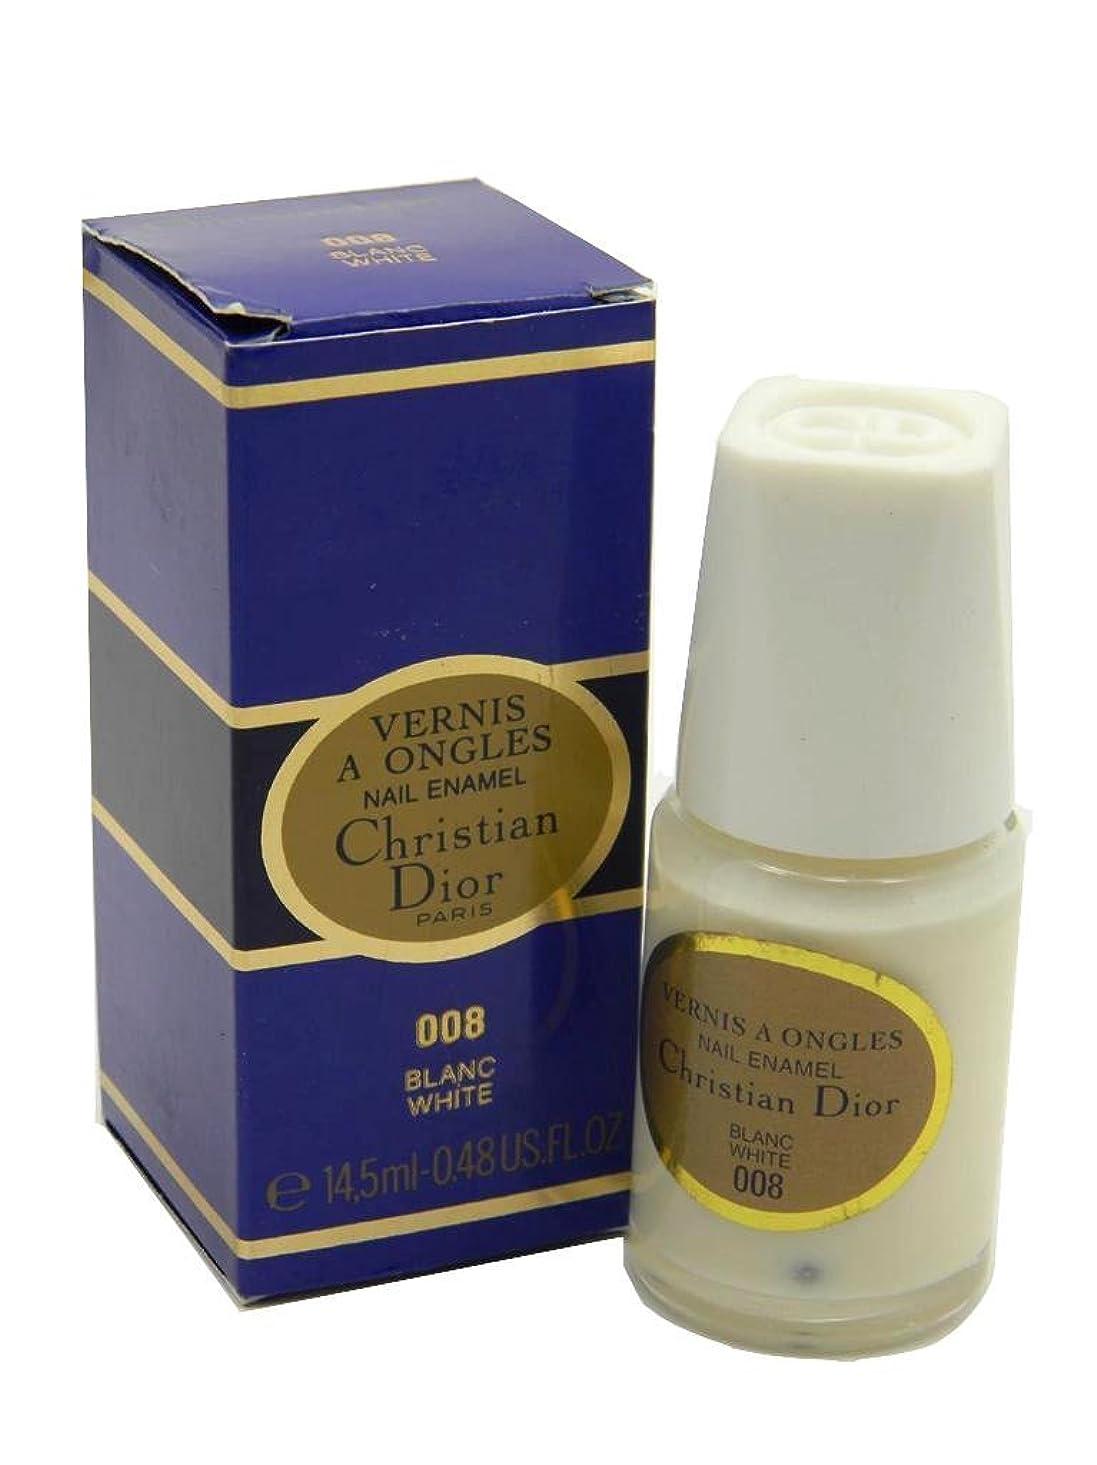 ドライバ僕の店主Dior Vernis A Ongles Nail Enamel Polish 008 White(ディオール ヴェルニ ア オングル ネイルエナメル ポリッシュ 008 ホワイト) [並行輸入品]